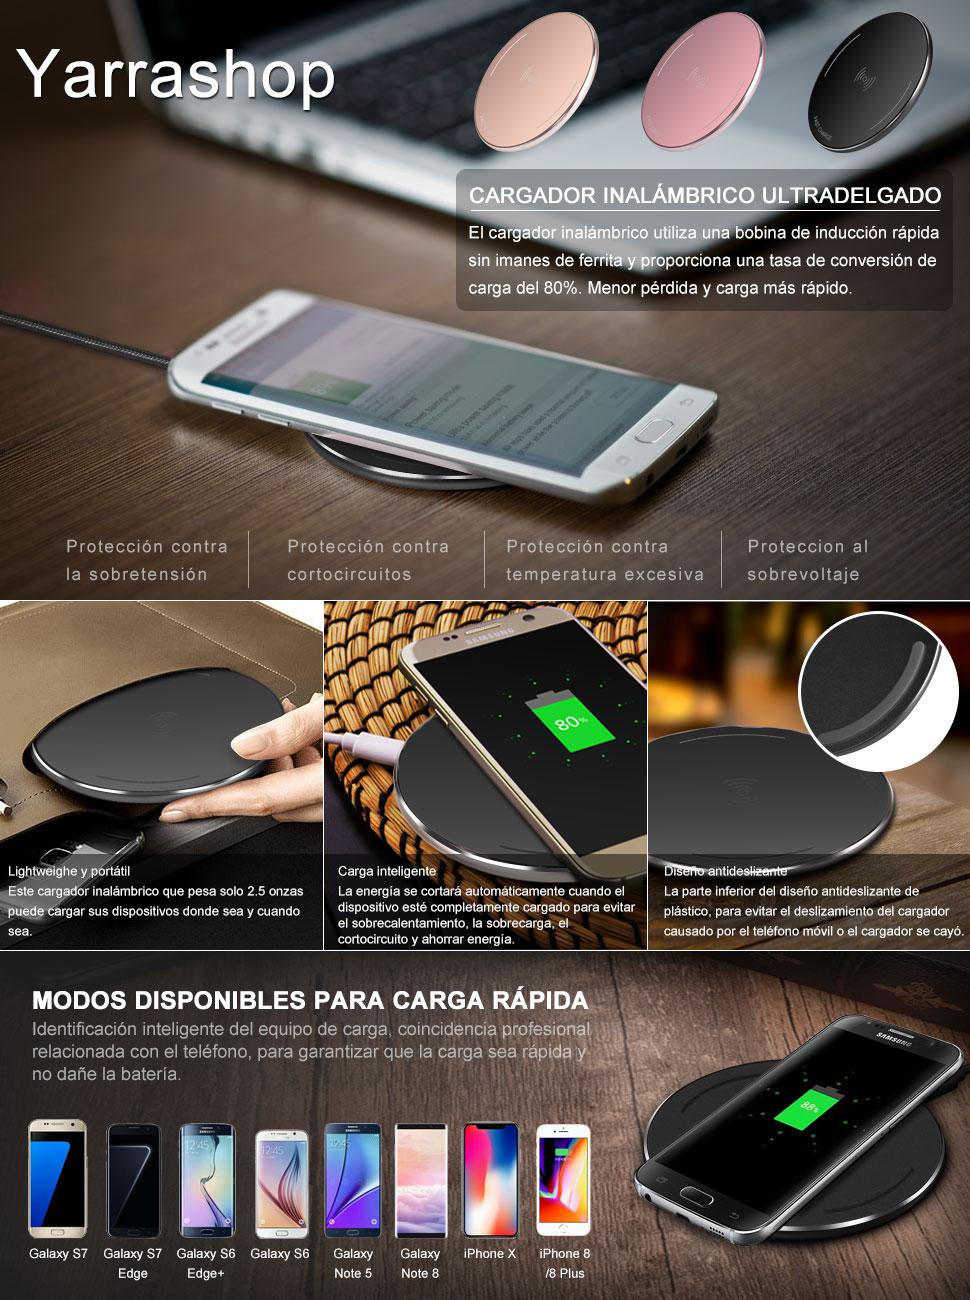 Rápido Cargador Inalámbrico Wireless-Yarrashop Rápido Qi Carga ...